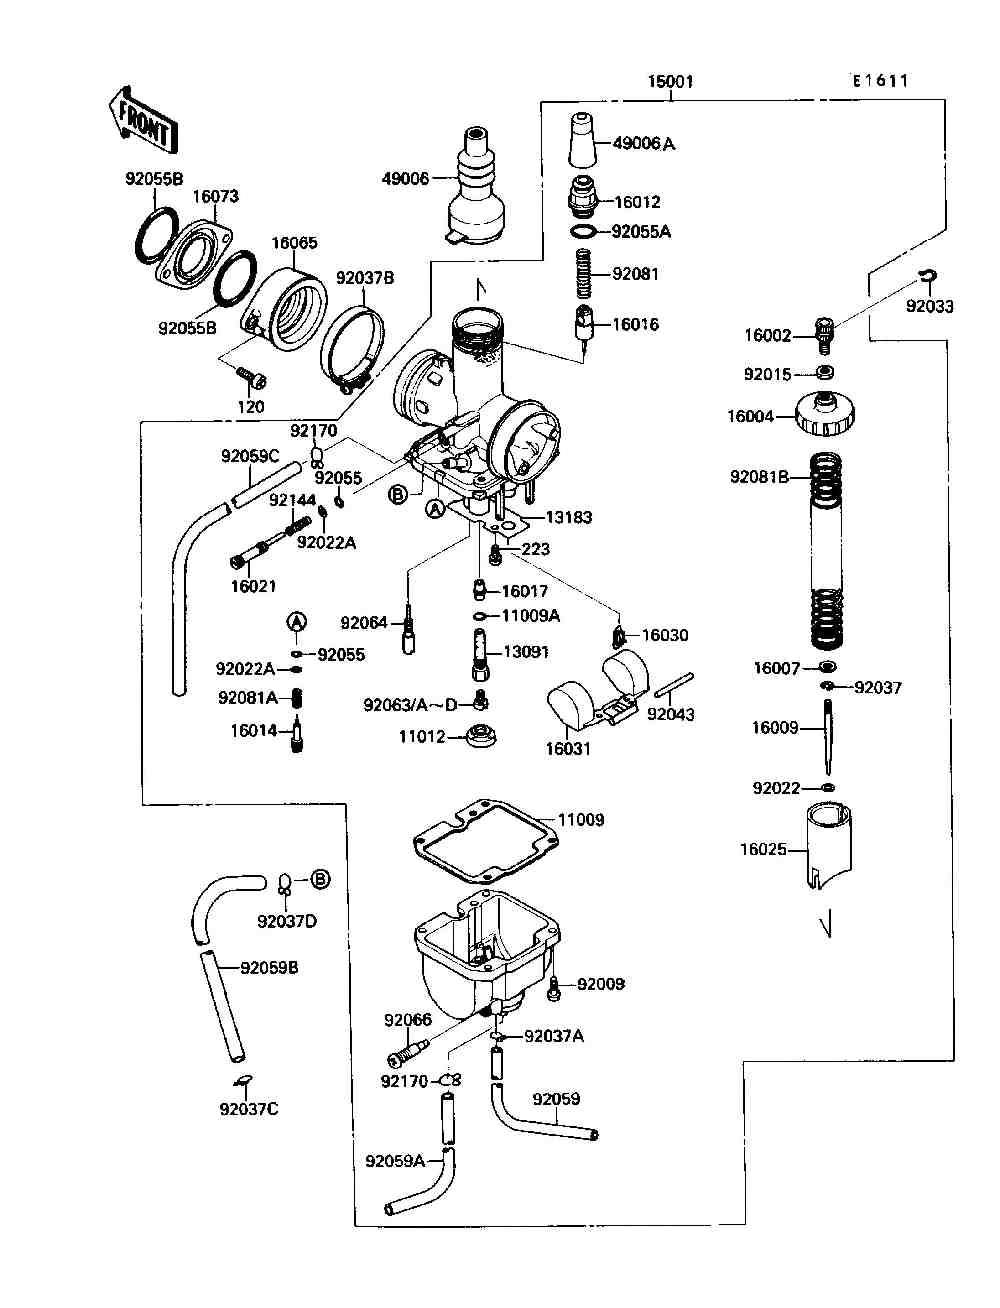 WRG-7489] Wiring Diagram Kawasaki Bayou 220 Parts on